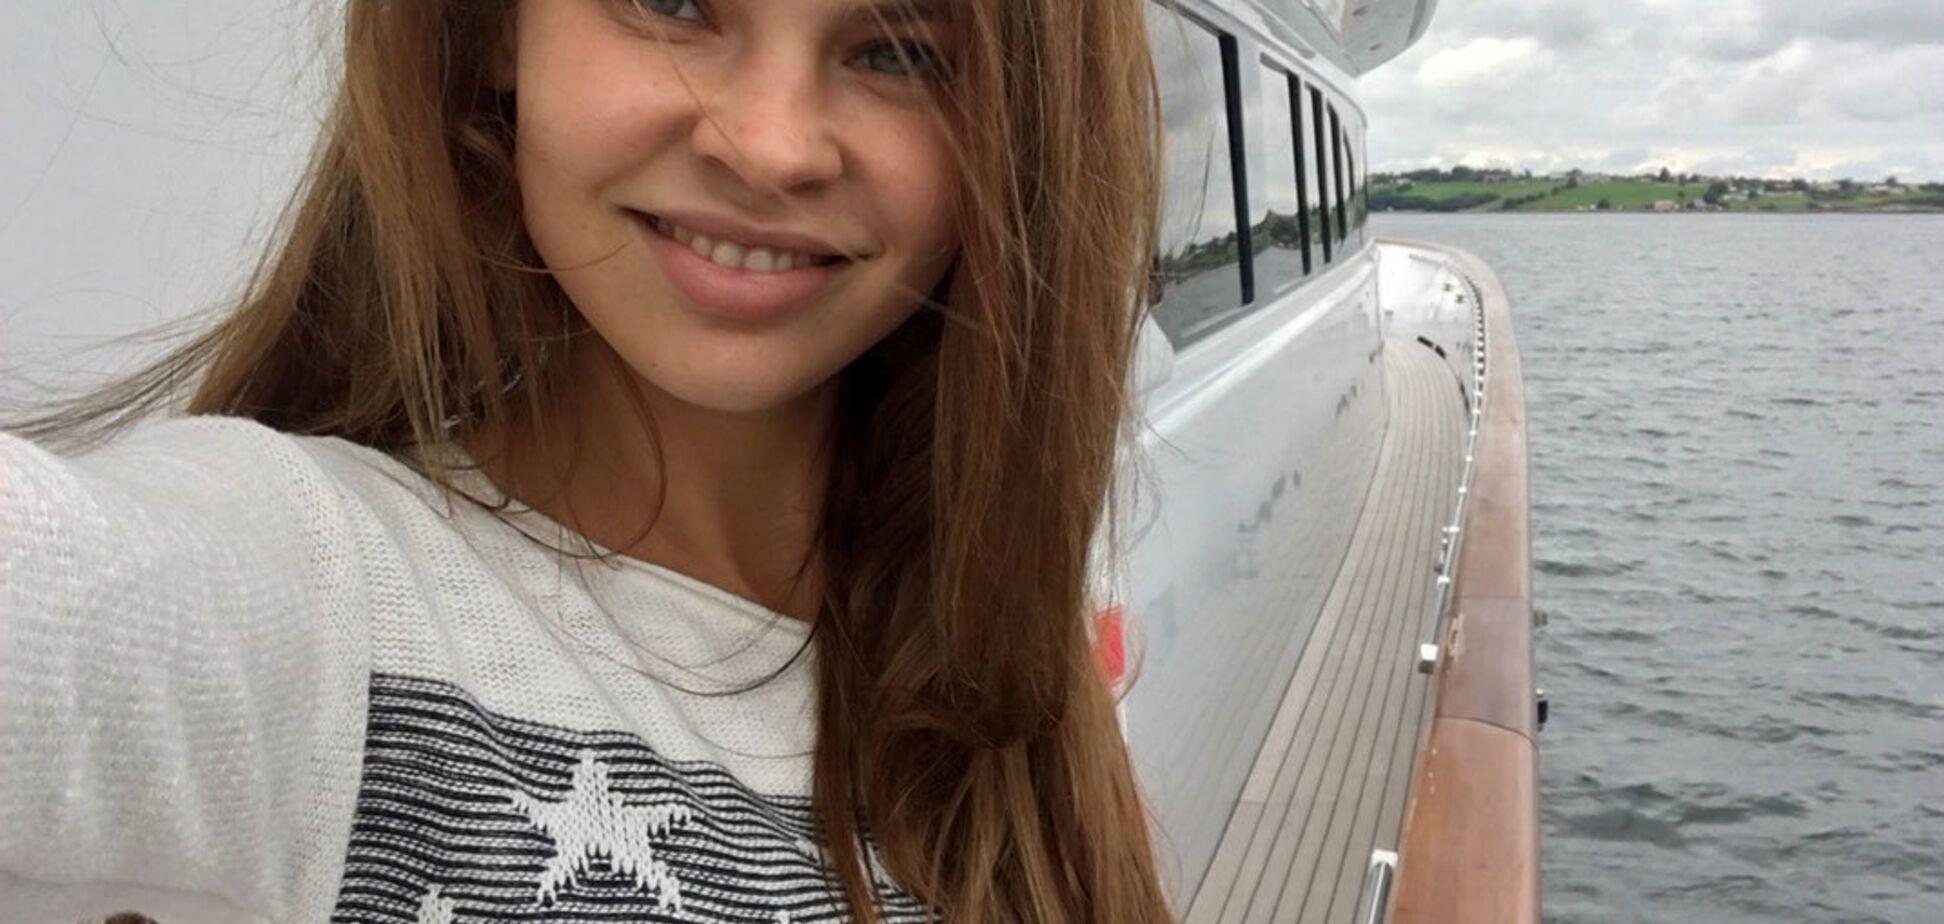 'Она не проститутка': муж фигурантки секс-скандала в РФ рассказал о работе жены